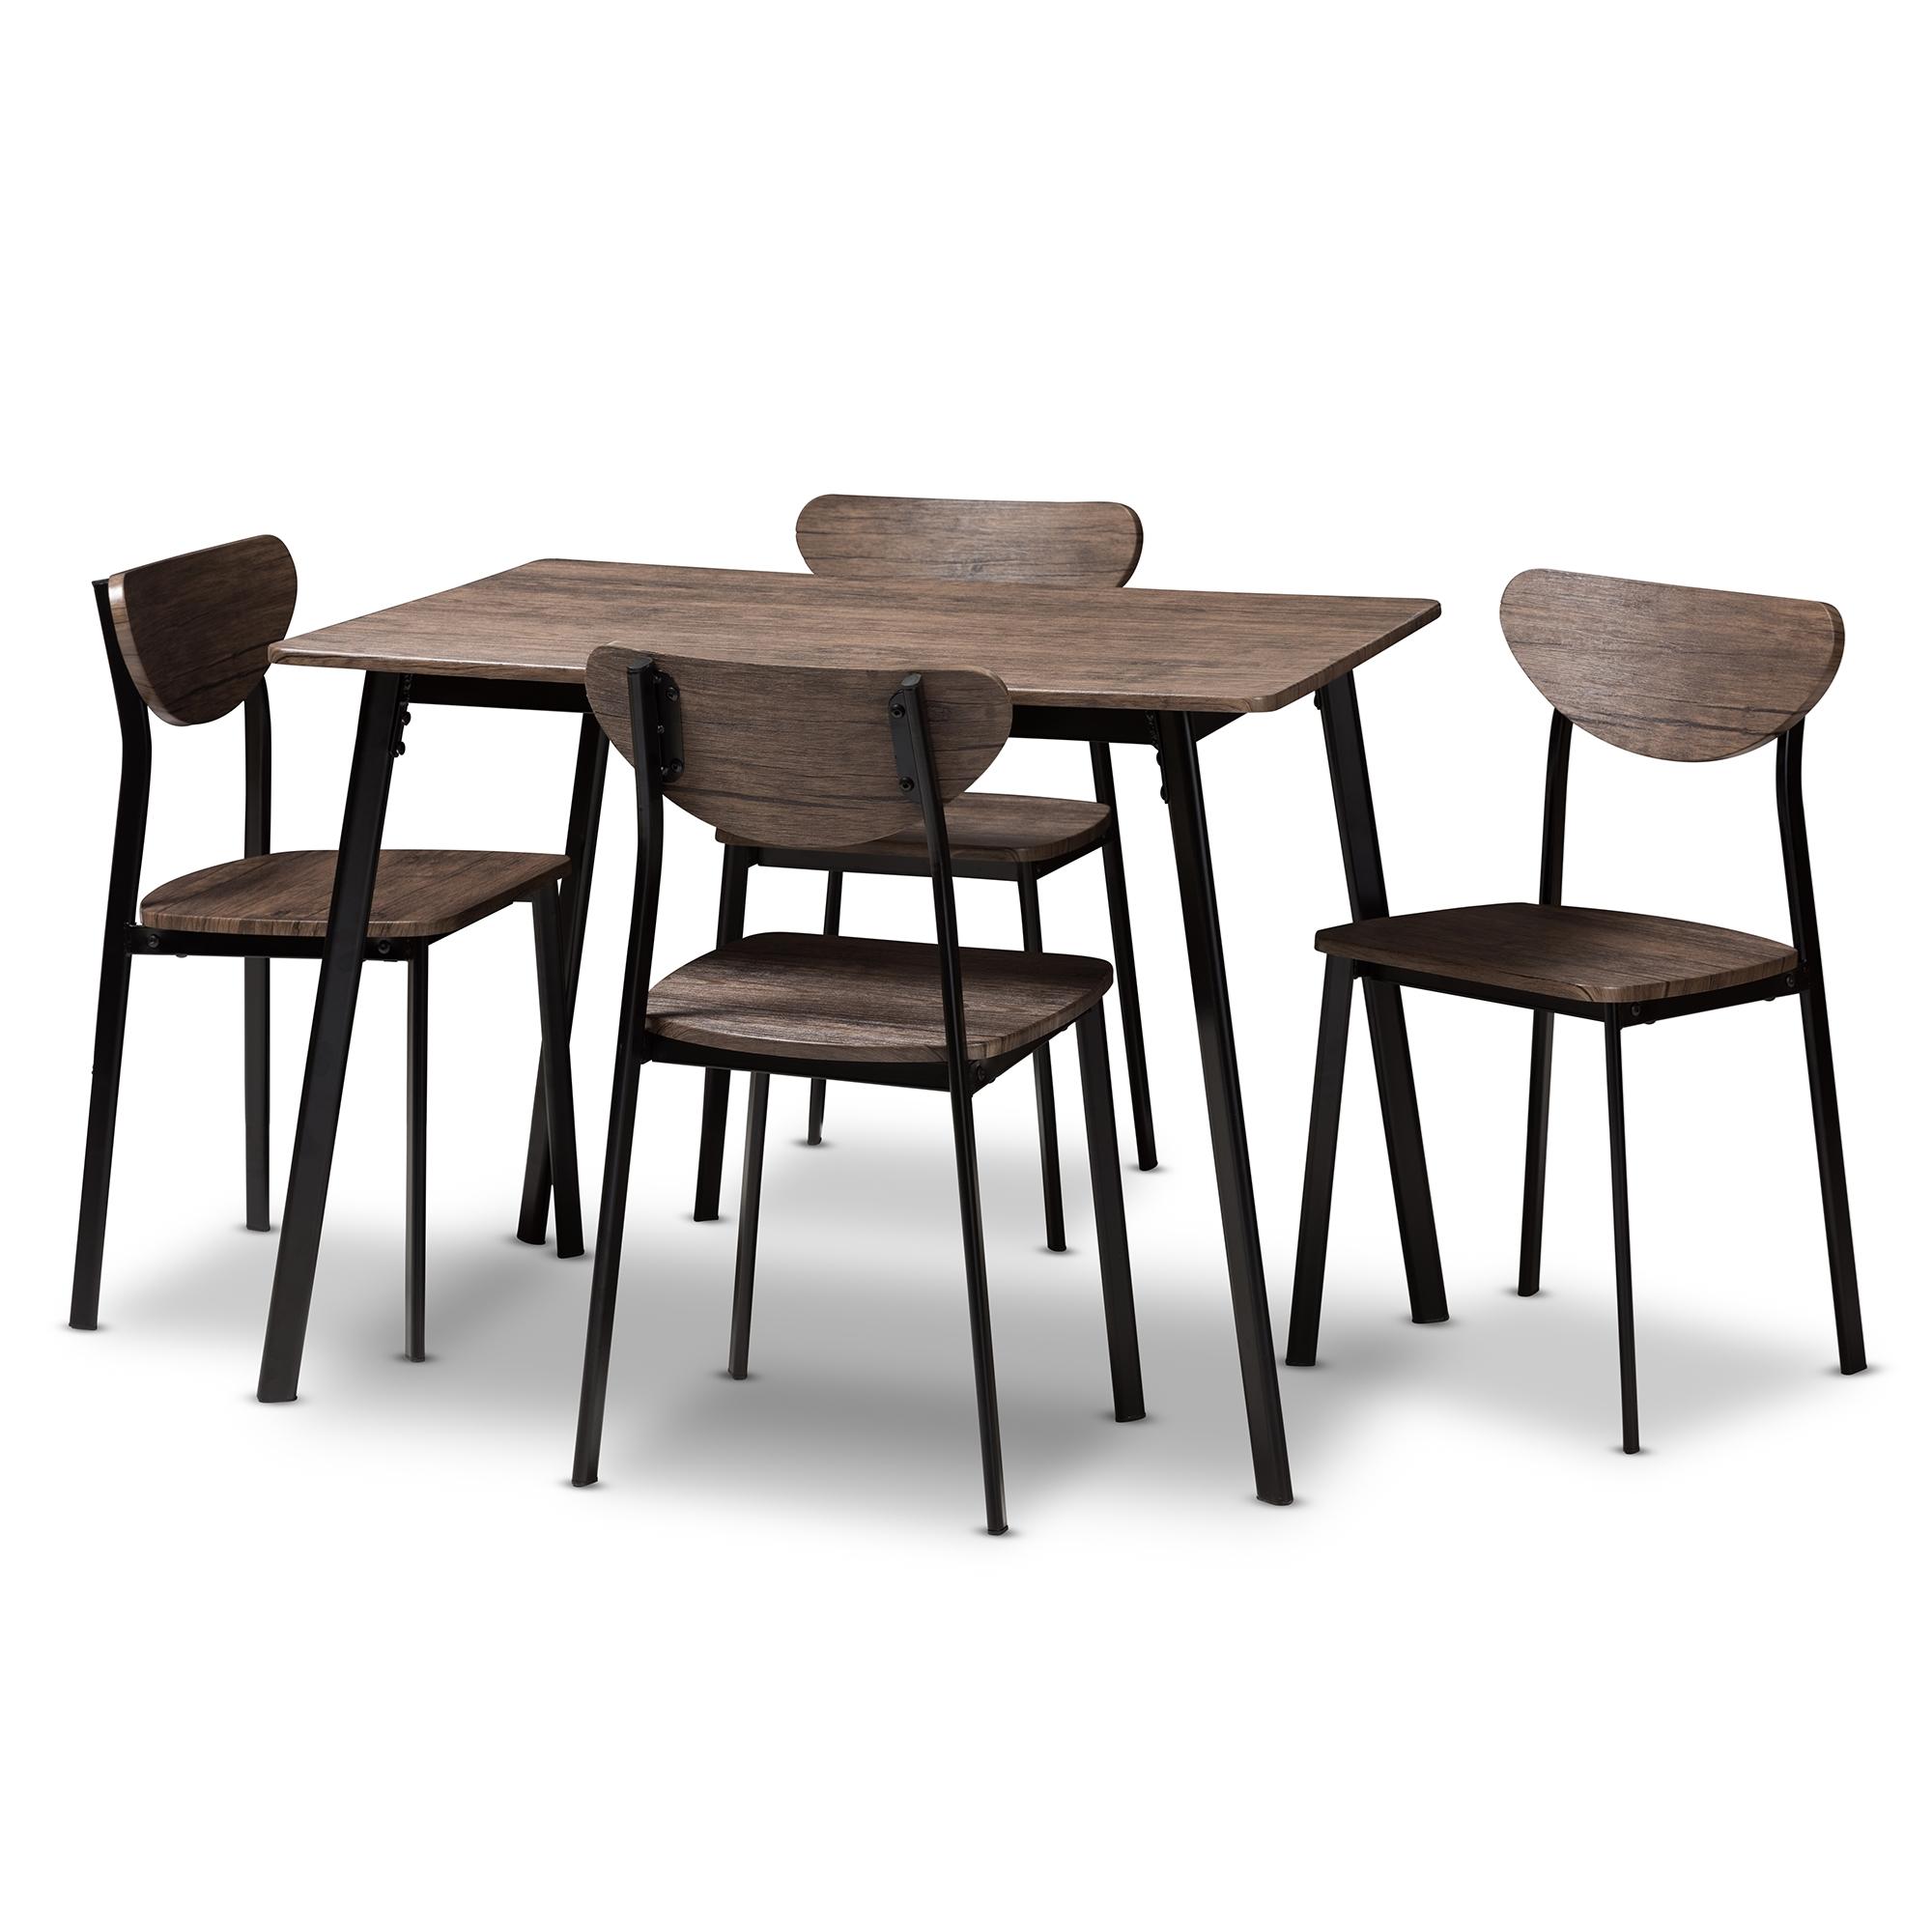 Baxton Studio Ornette Mid Century Modern Matte Black Frame 5 Piece Dining  Set Affordable